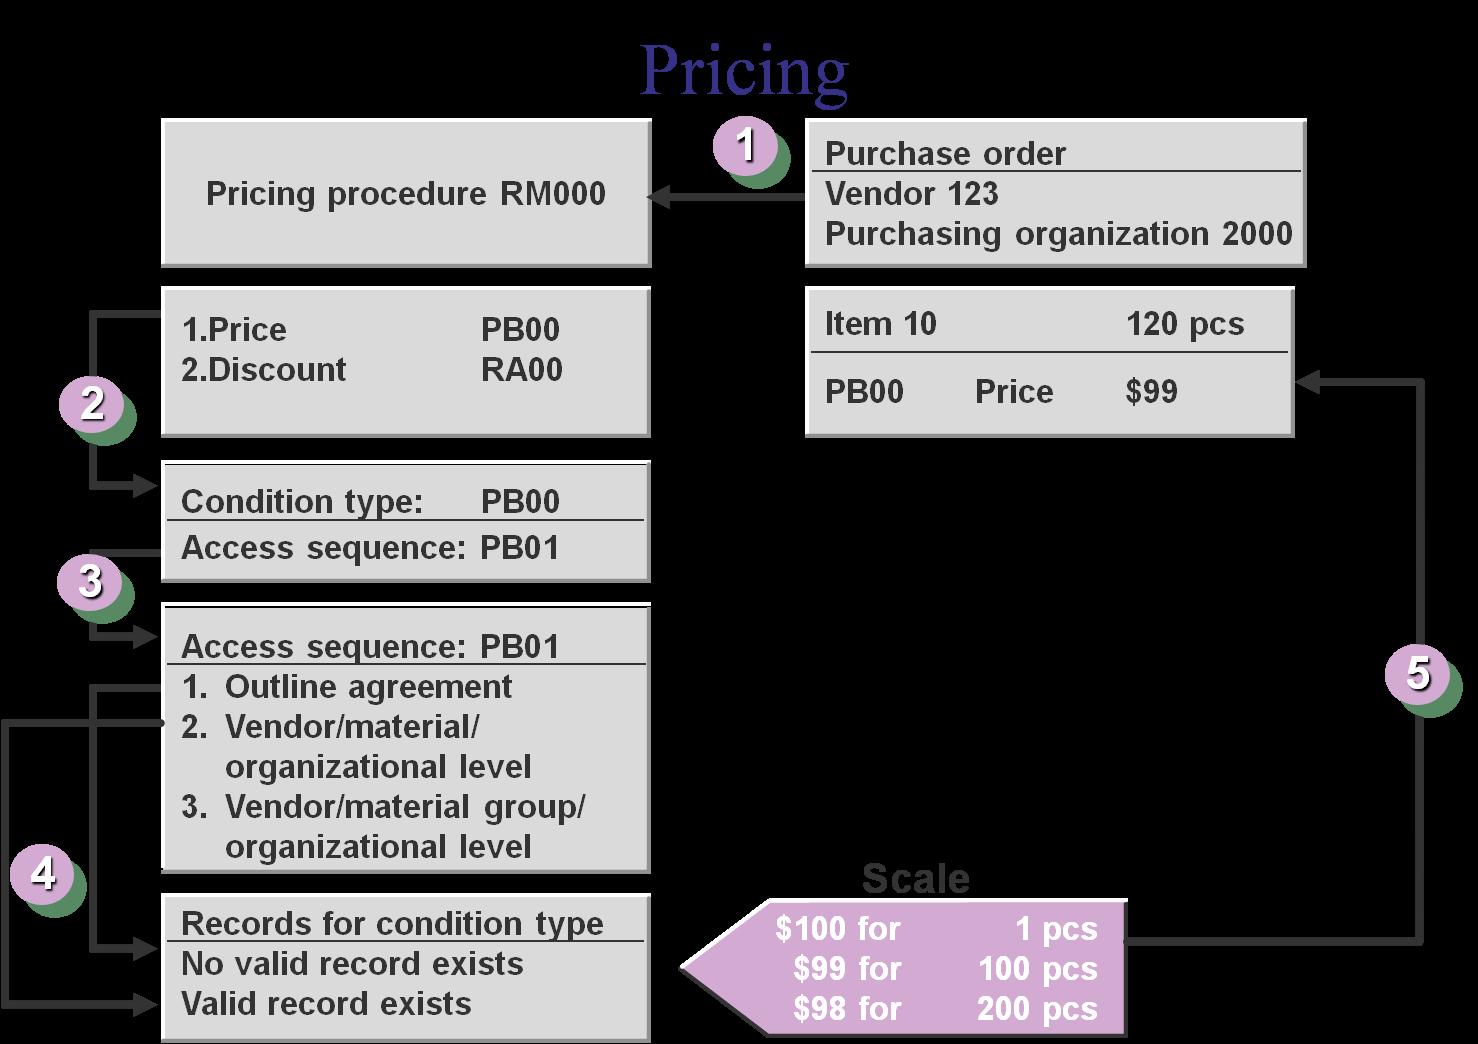 pricing procedure flow chart [ 1478 x 1044 Pixel ]